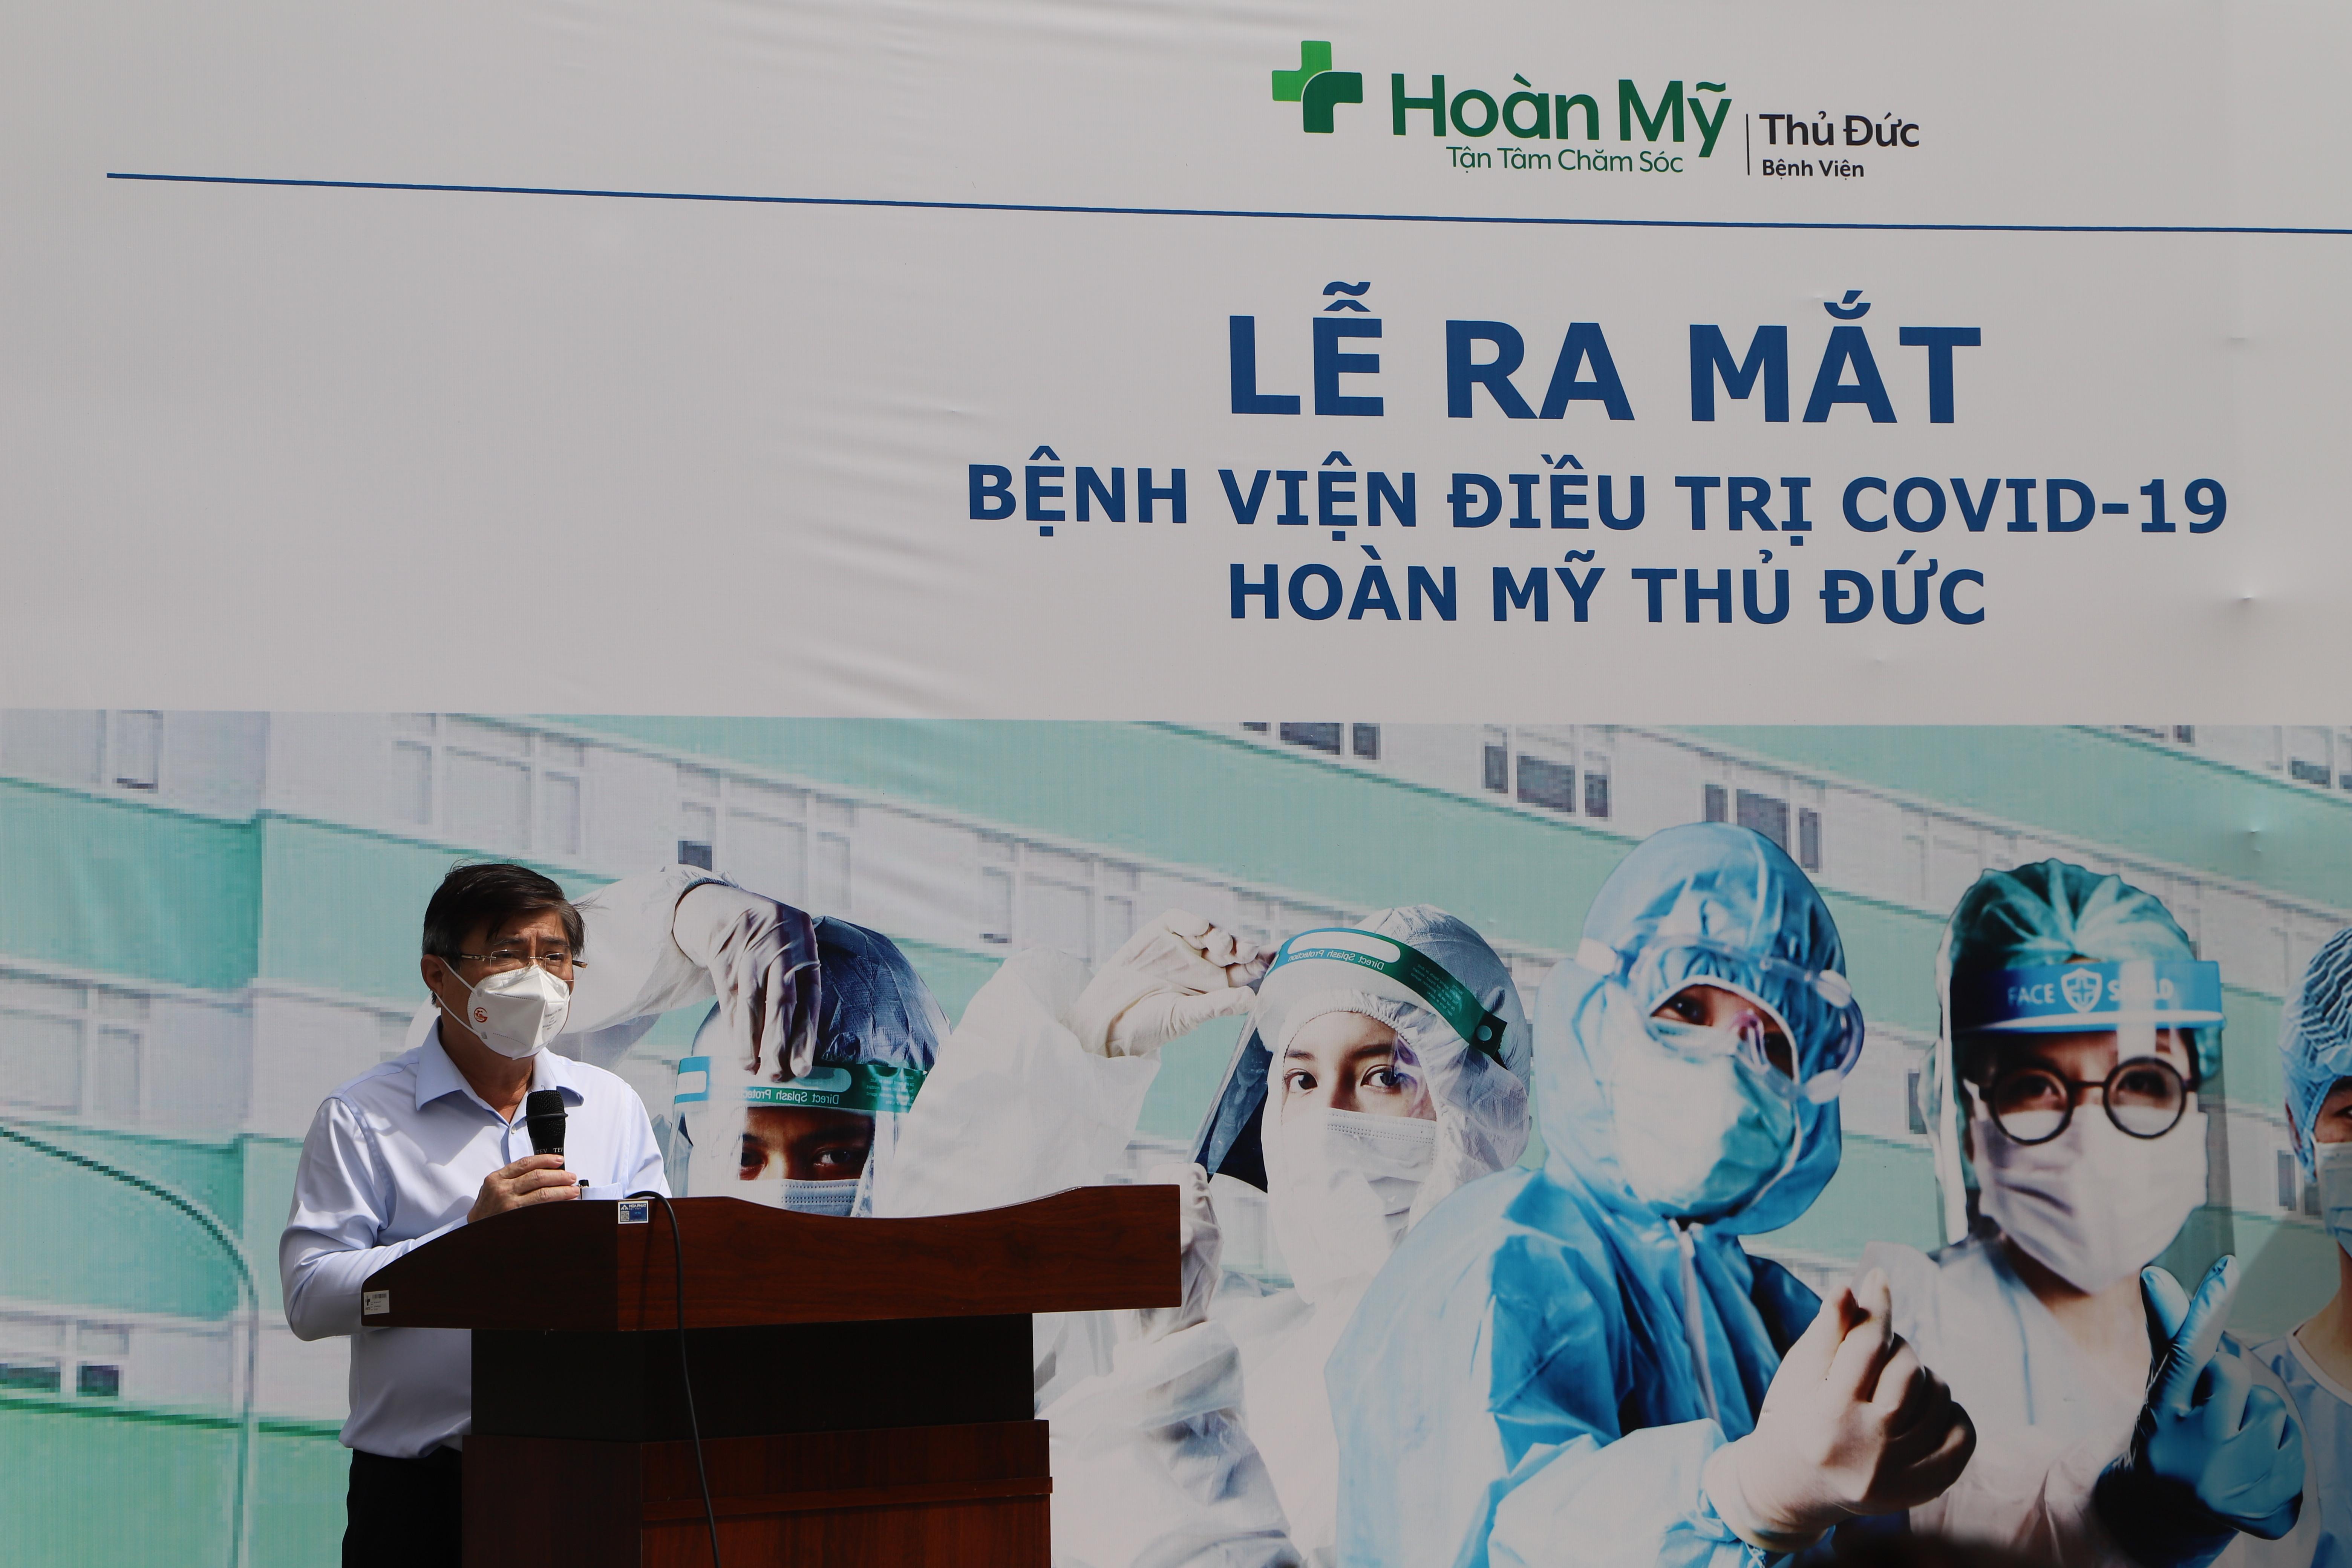 Bệnh viện Hoàn Mỹ Thủ Đức bắt đầu điều trị Covid-19